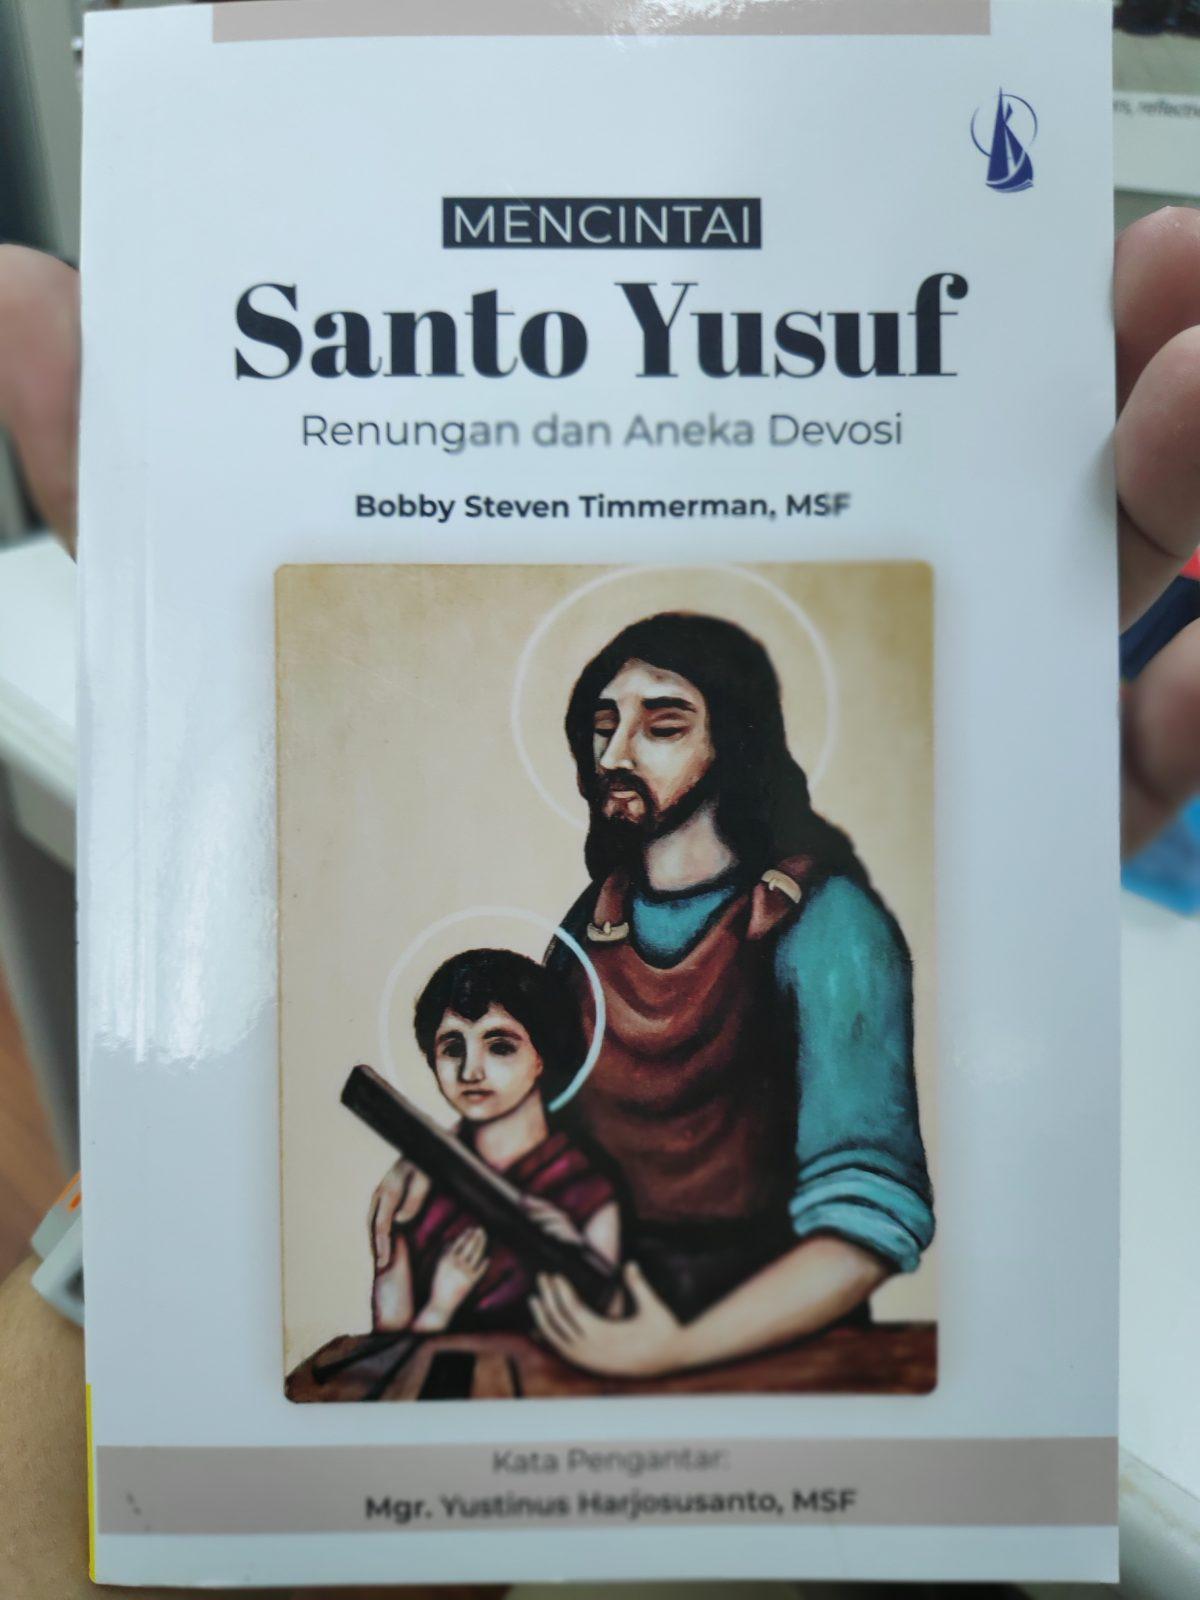 Mencintai Santo Yusuf, Renungan dan Aneka Devosi